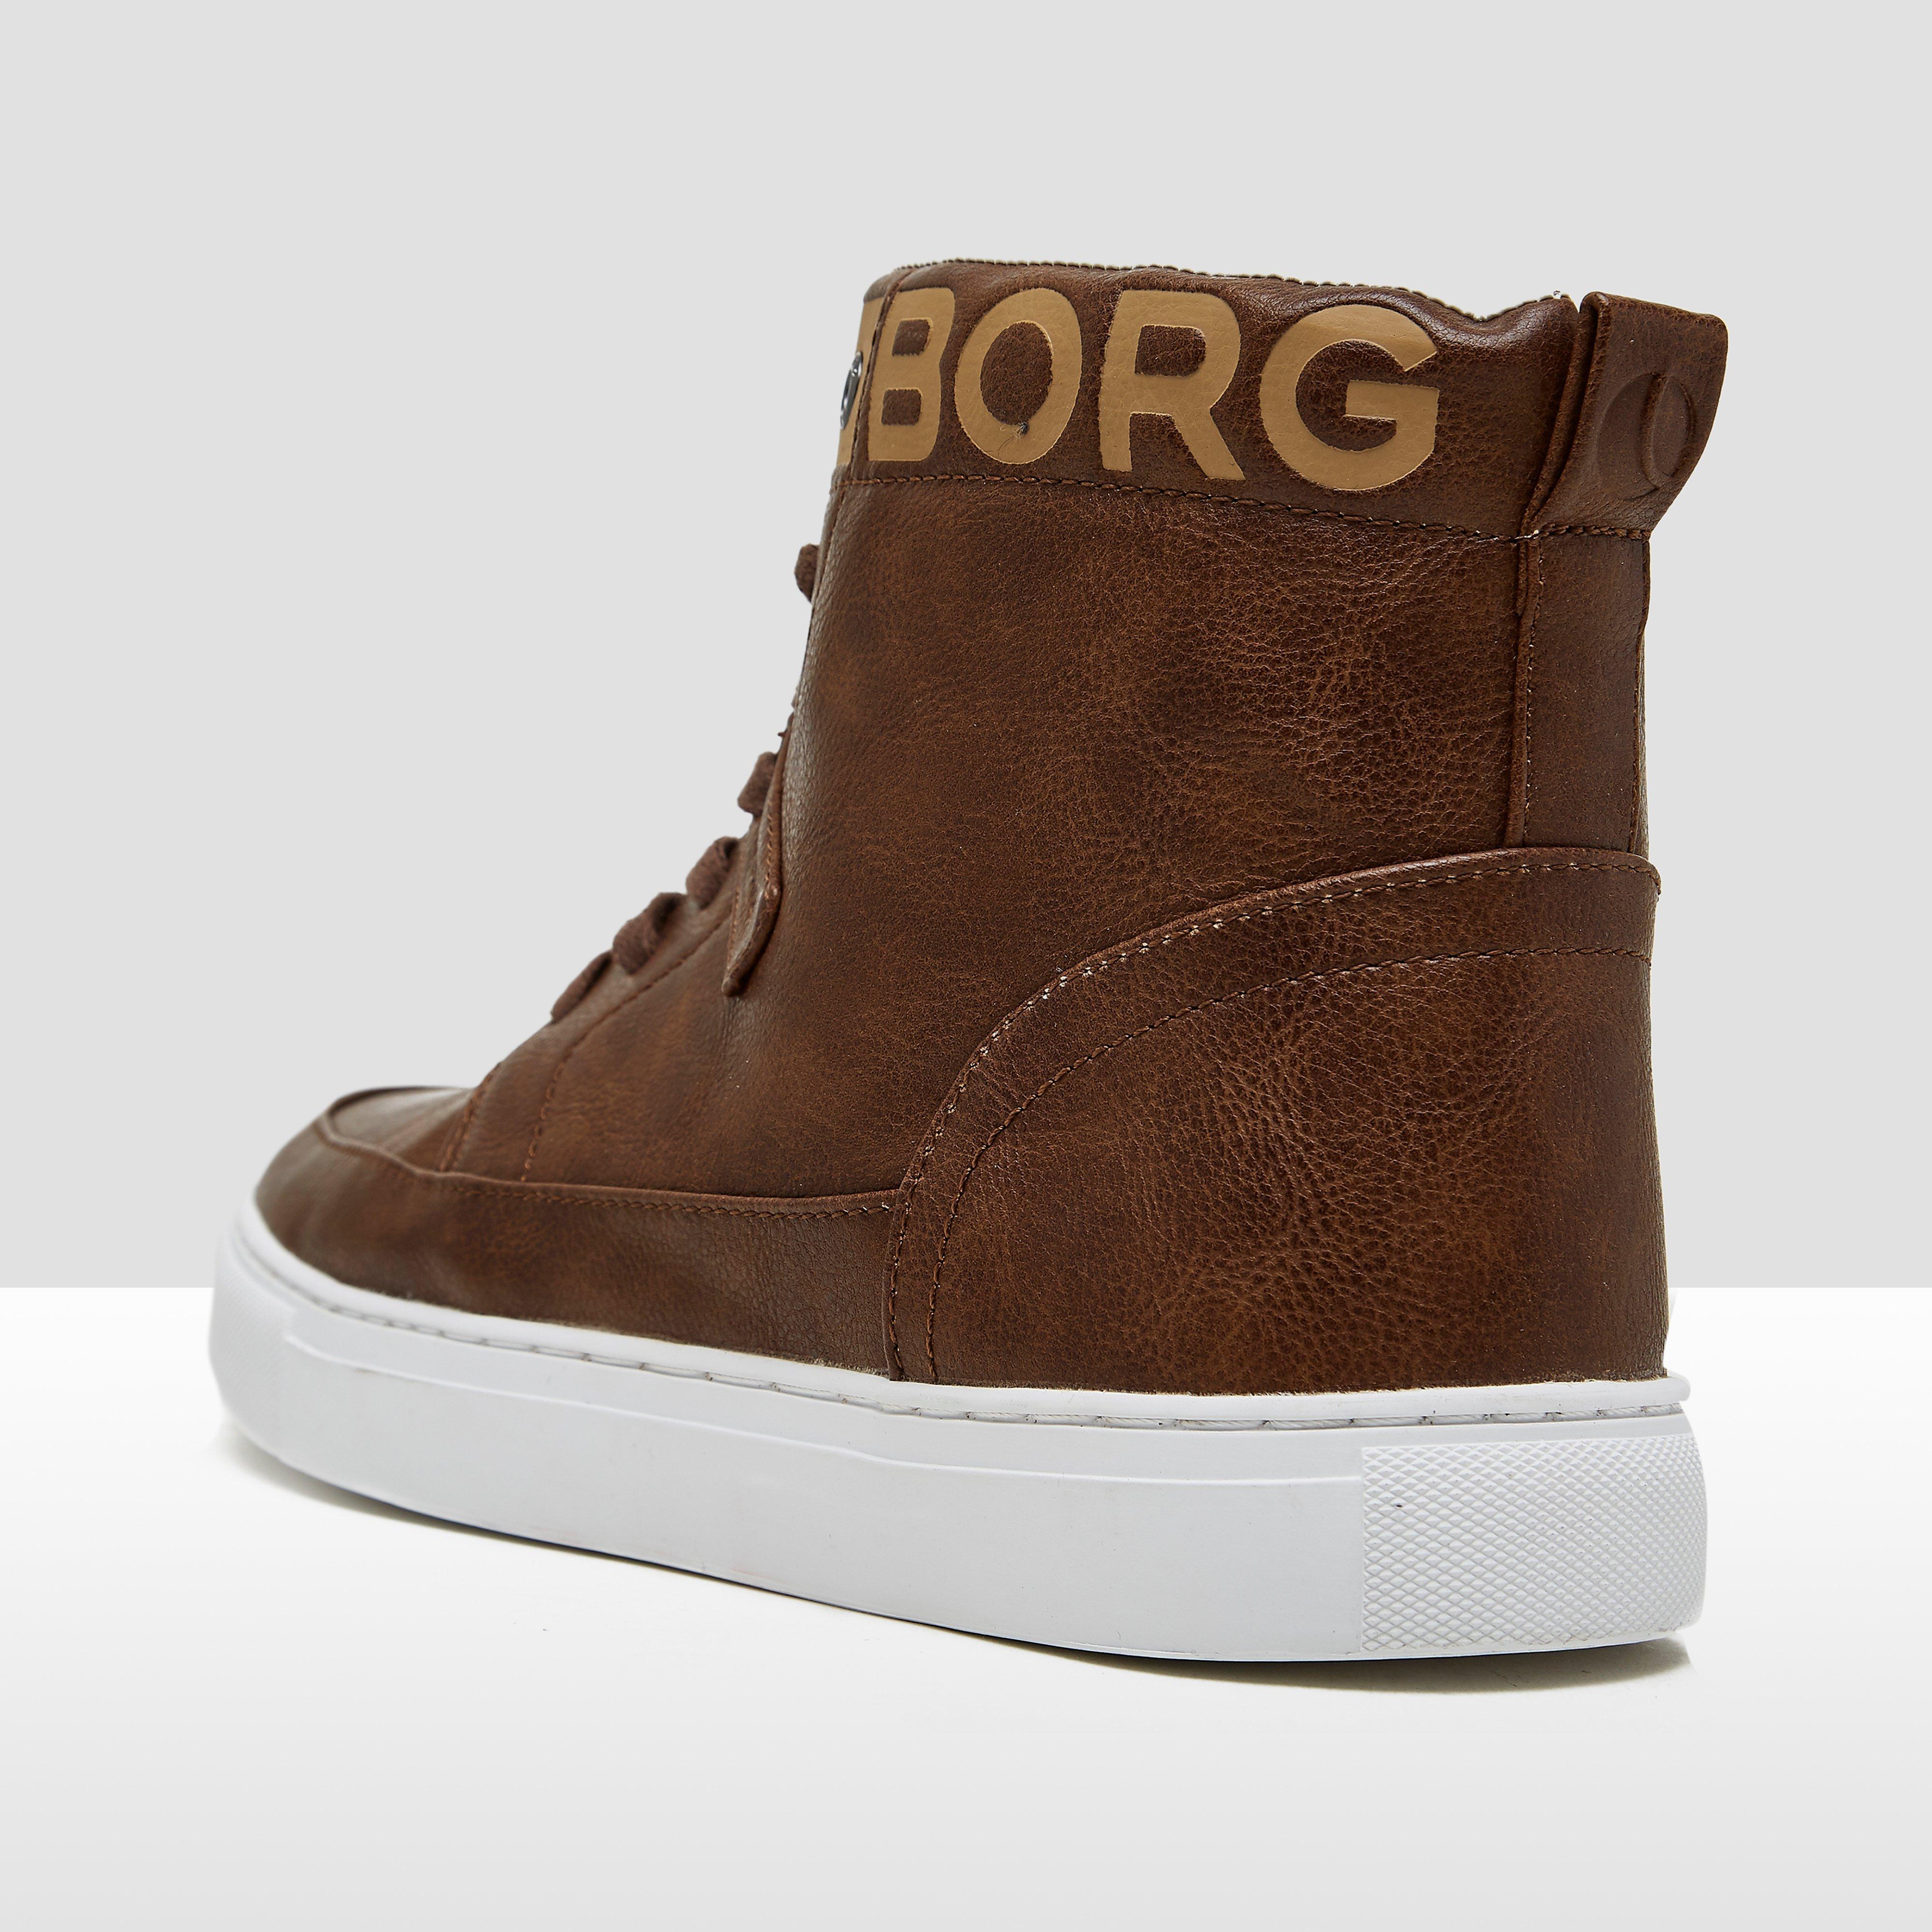 Marron Björn Borg Chaussures Pour Les Hommes NbhB3m